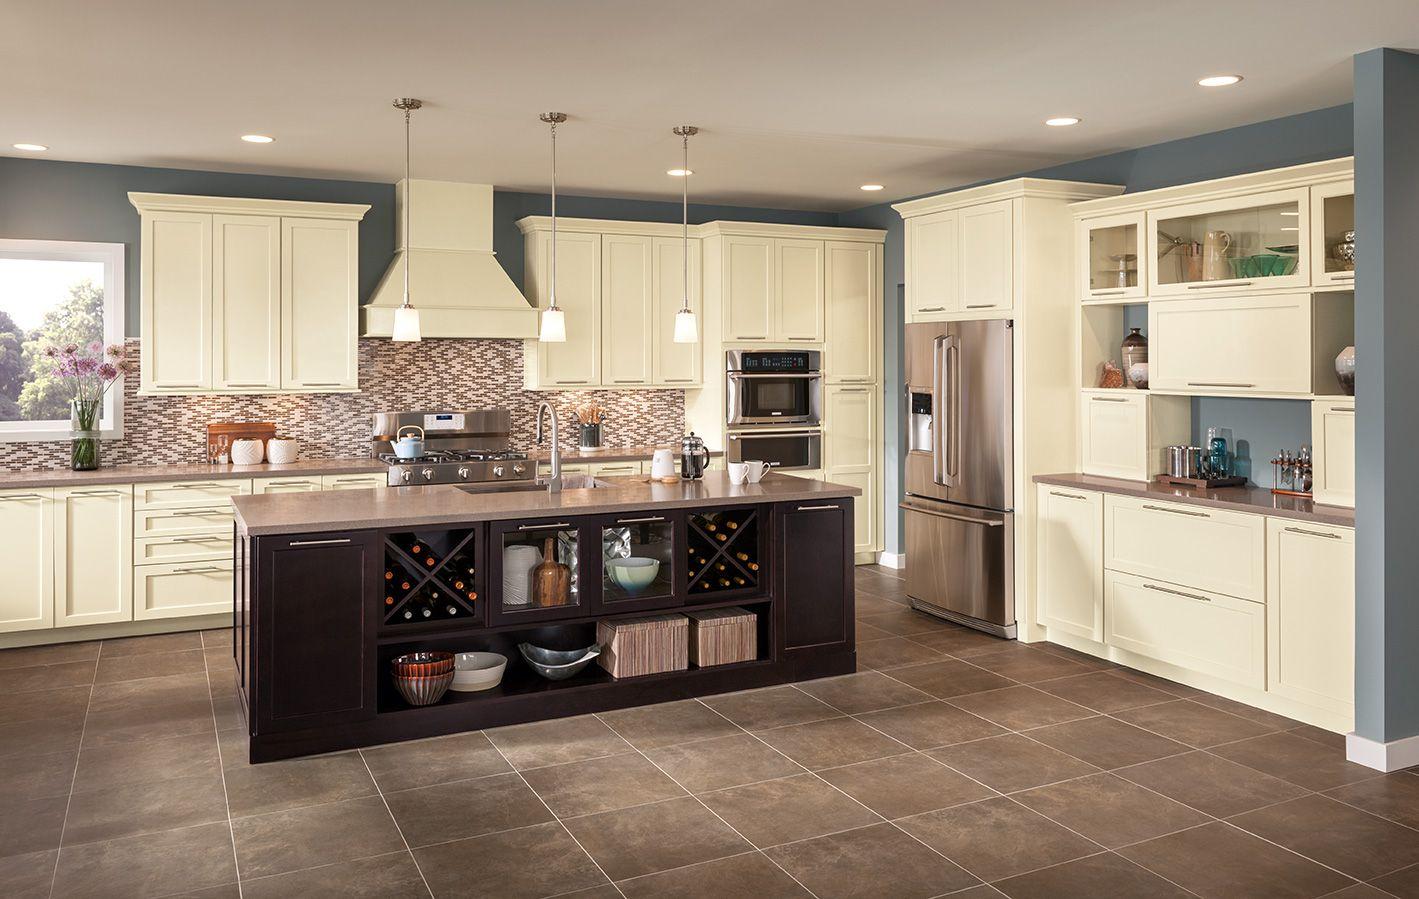 shenandoah kitchen cabinets cabinet slides cabinetry planning guide